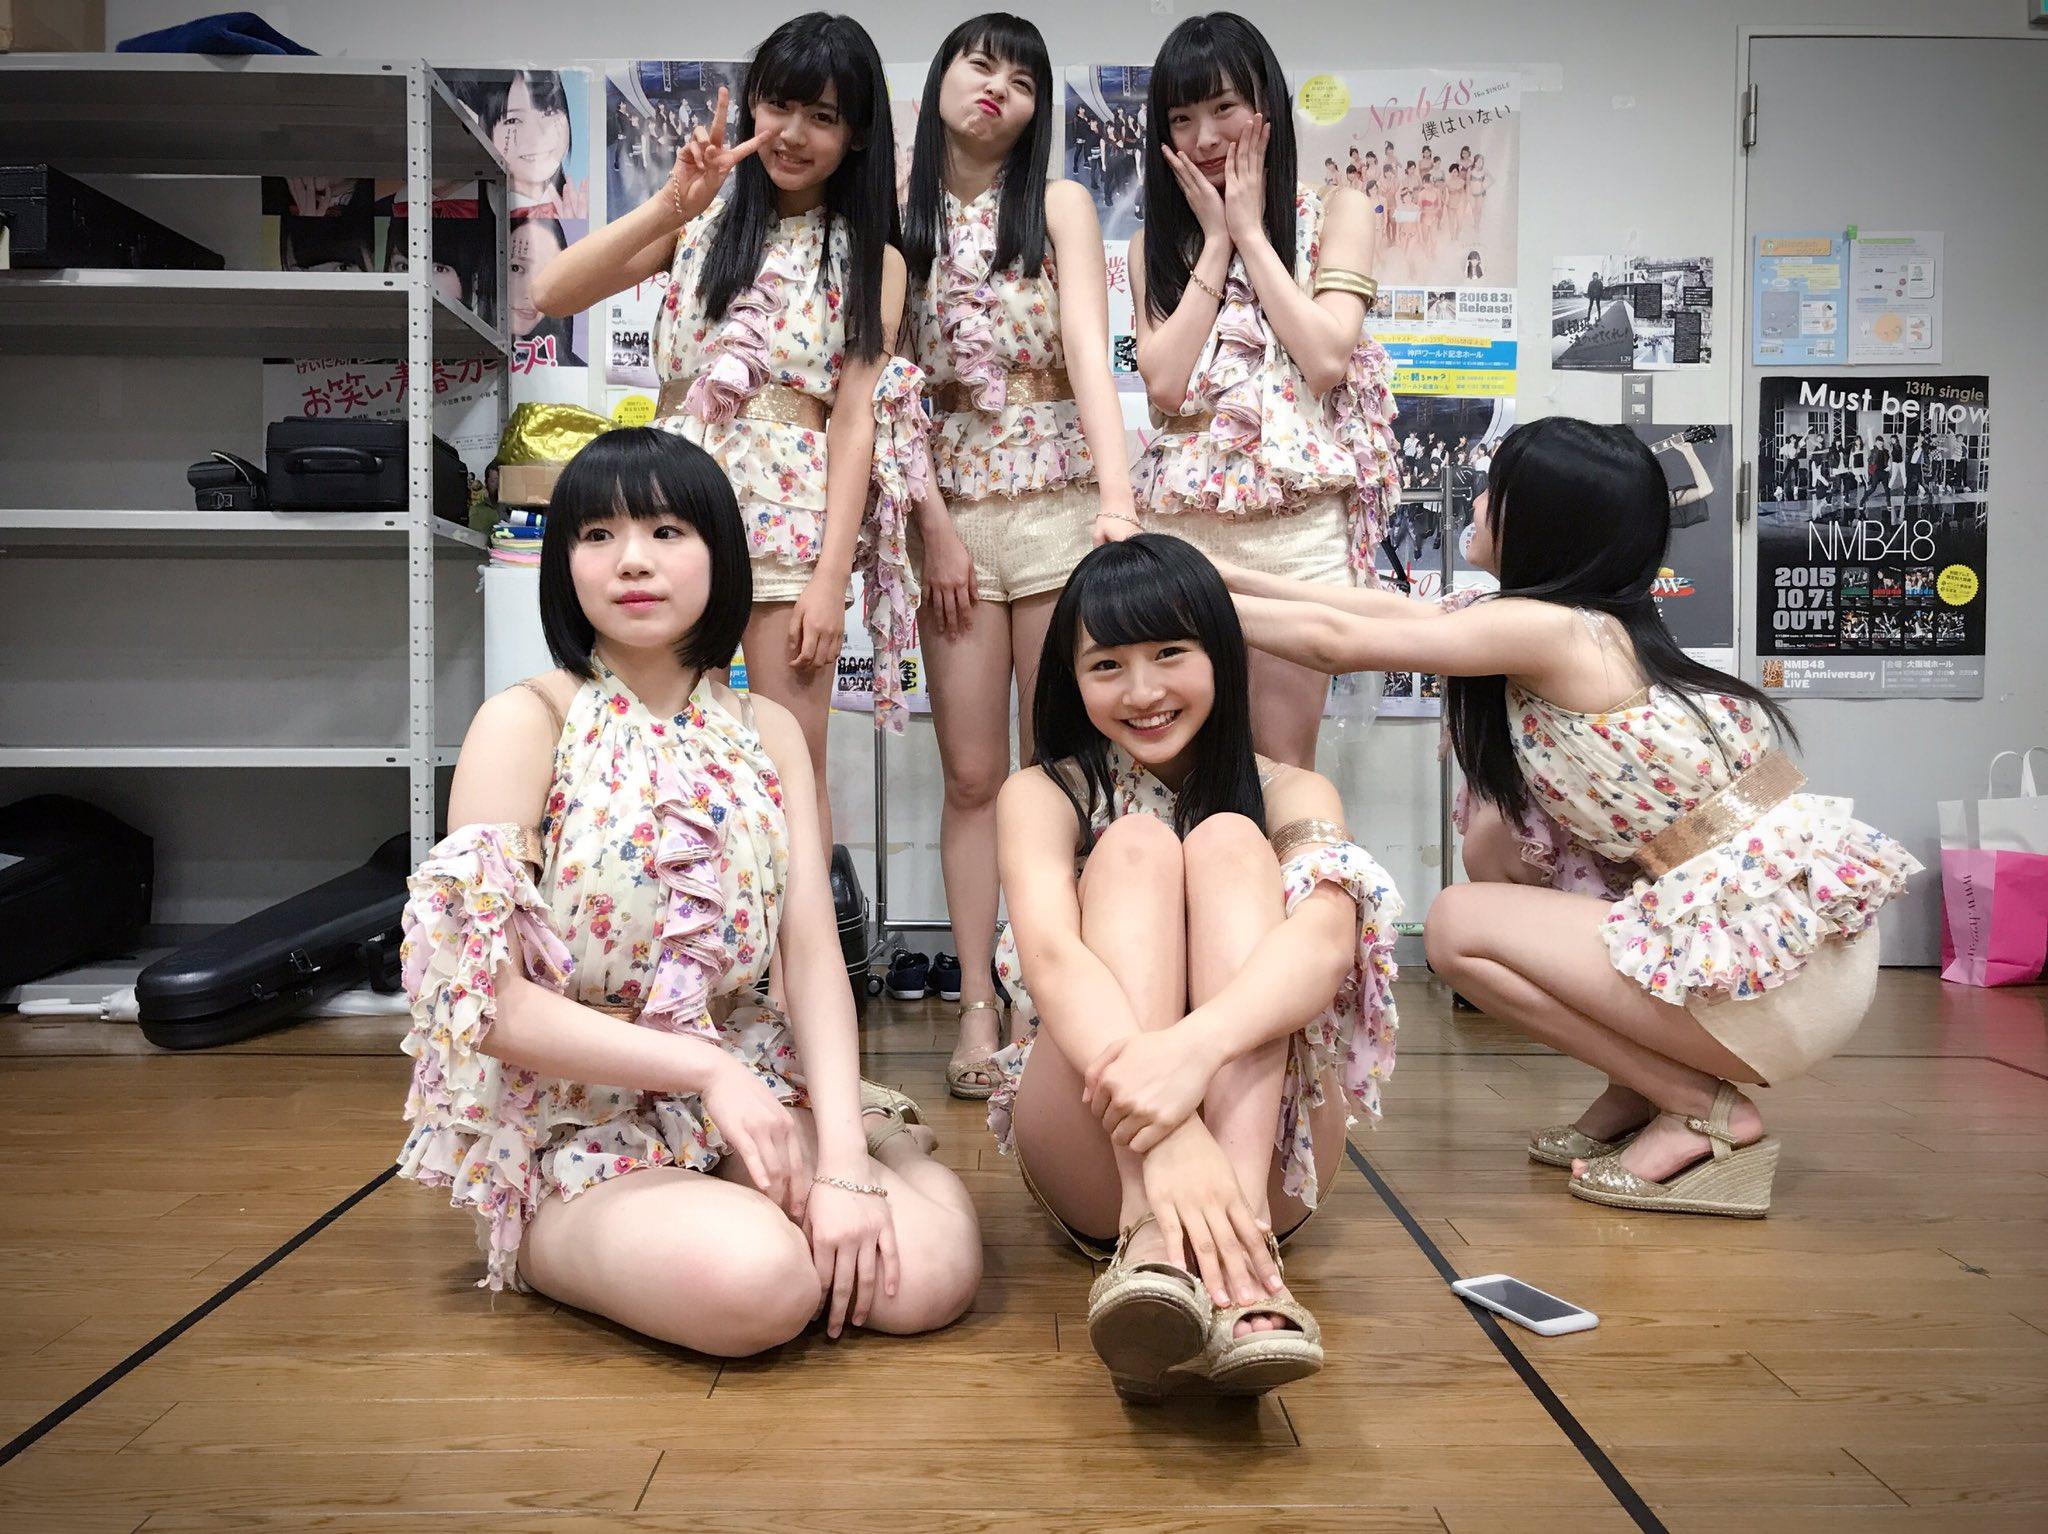 中学生くらいのアイドルのDVDで抜こうぜよ70.1 [無断転載禁止]©bbspink.com->画像>275枚